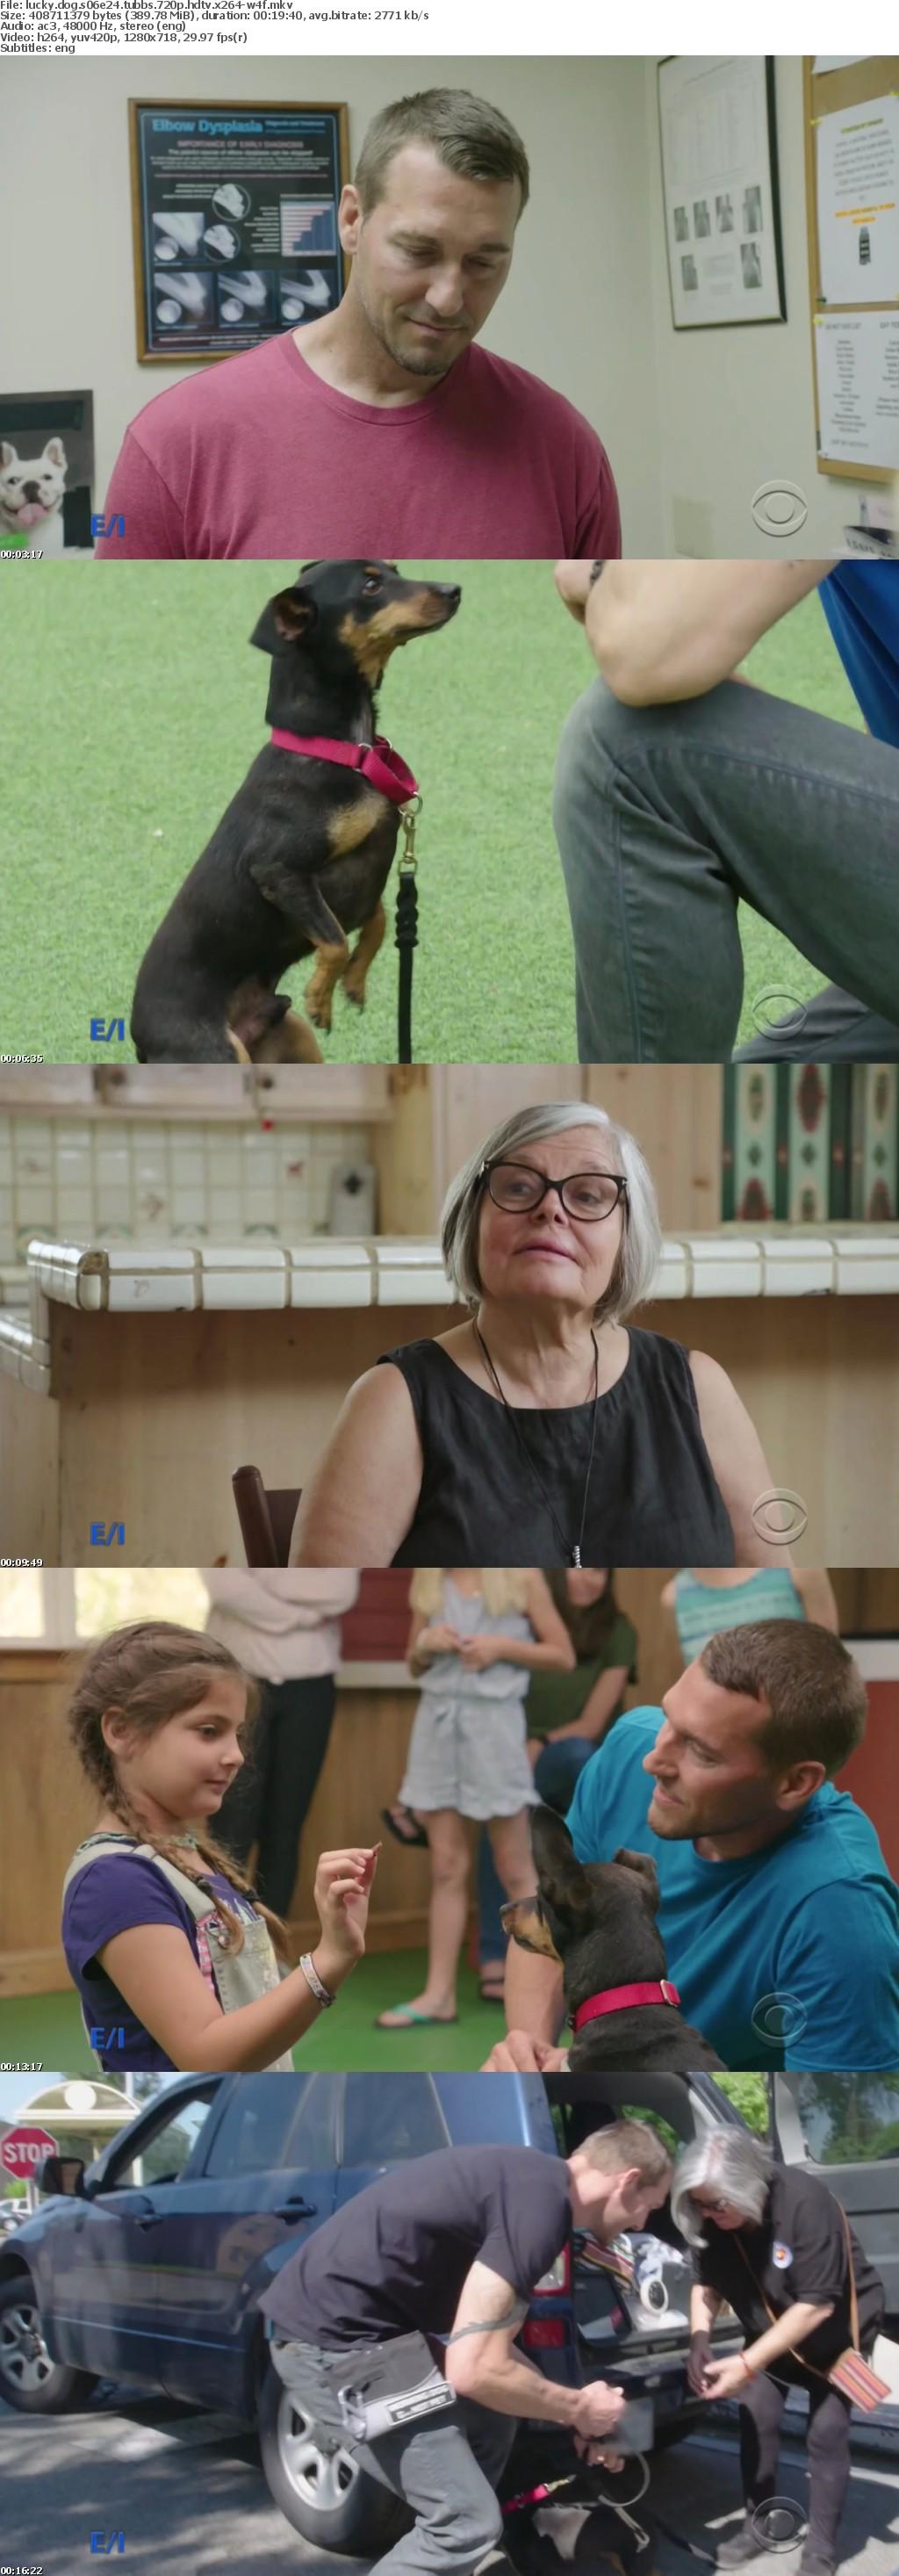 Lucky Dog S06E26 Tubbs 720p HDTV x264-W4F